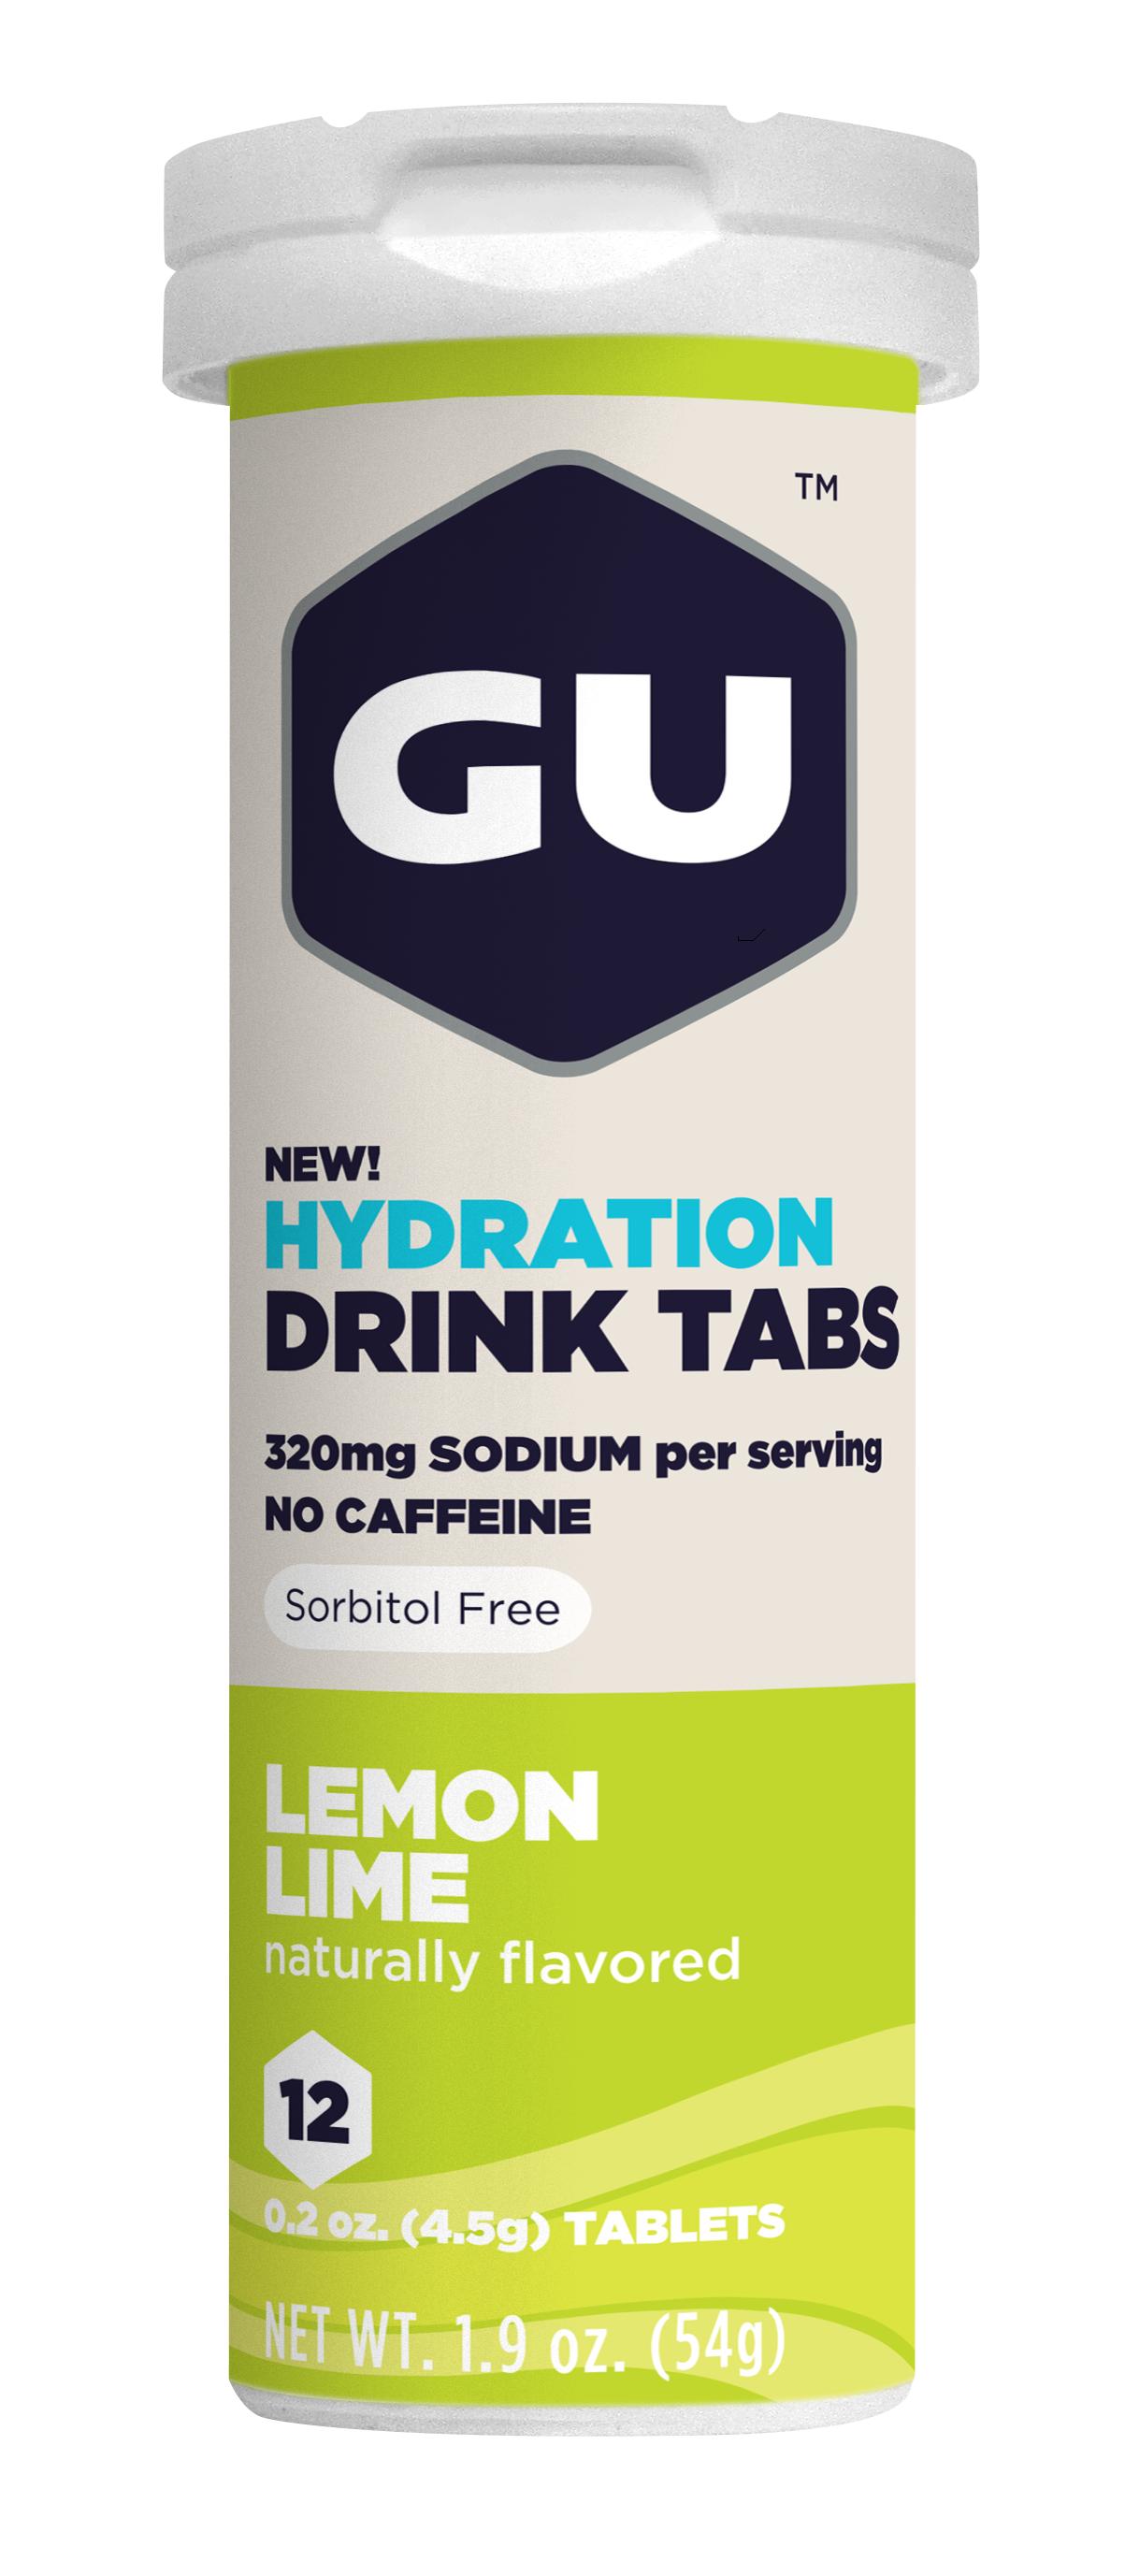 Tabletas de Hidratación GU